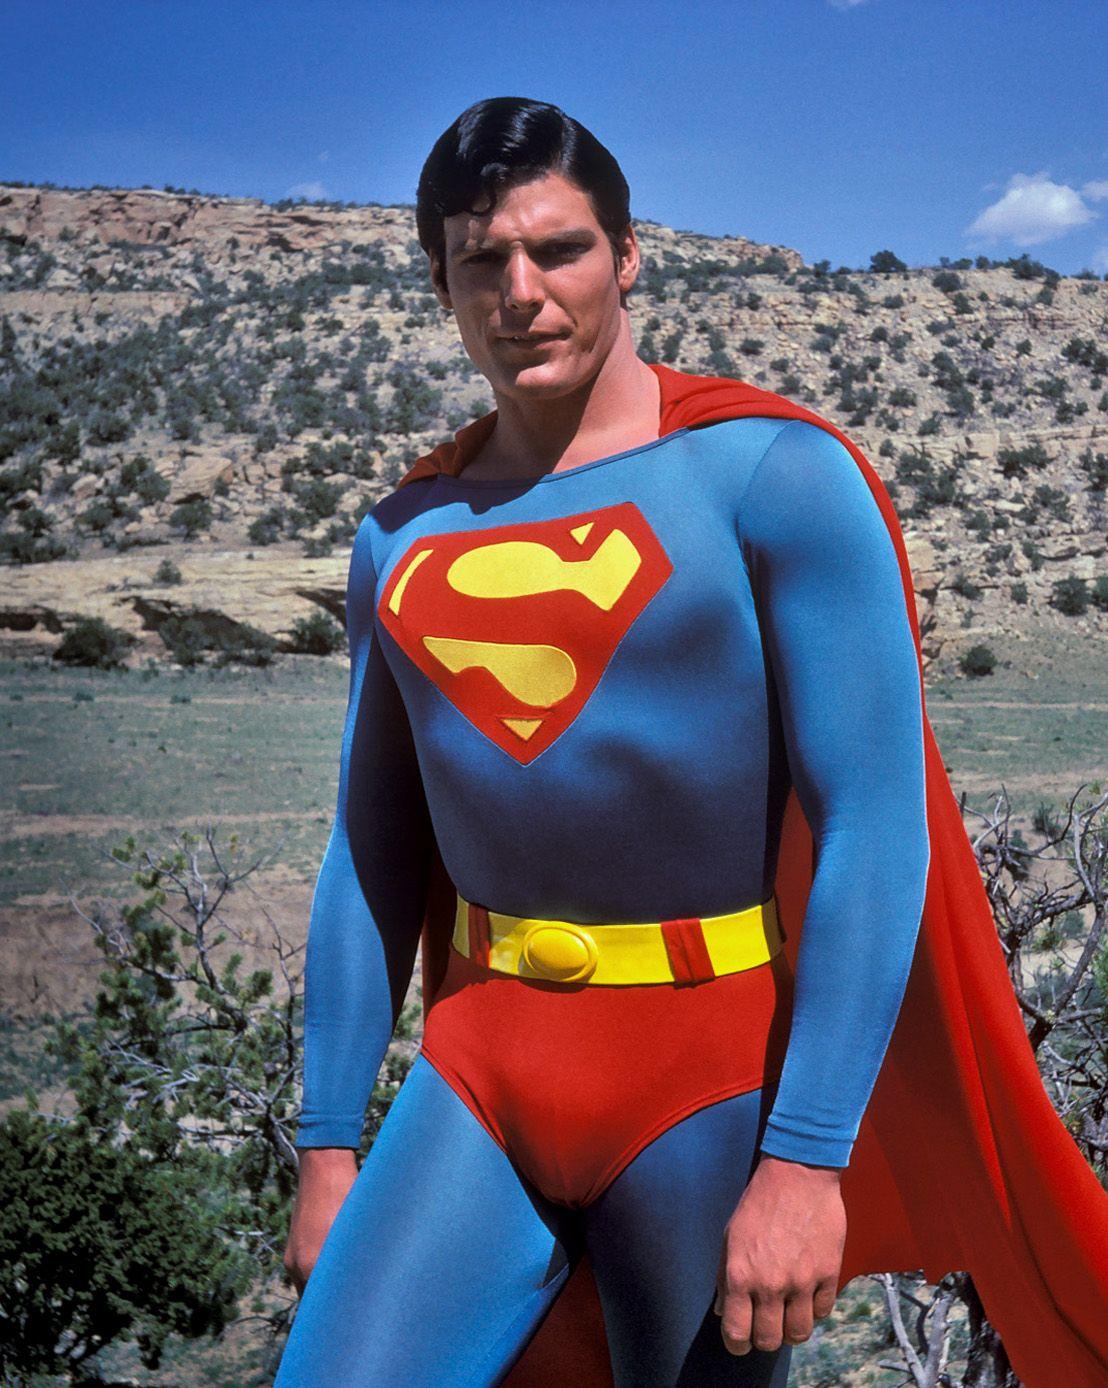 Superman 1978 Superman Movies Christopher Reeve Superman Superman Movie 1978